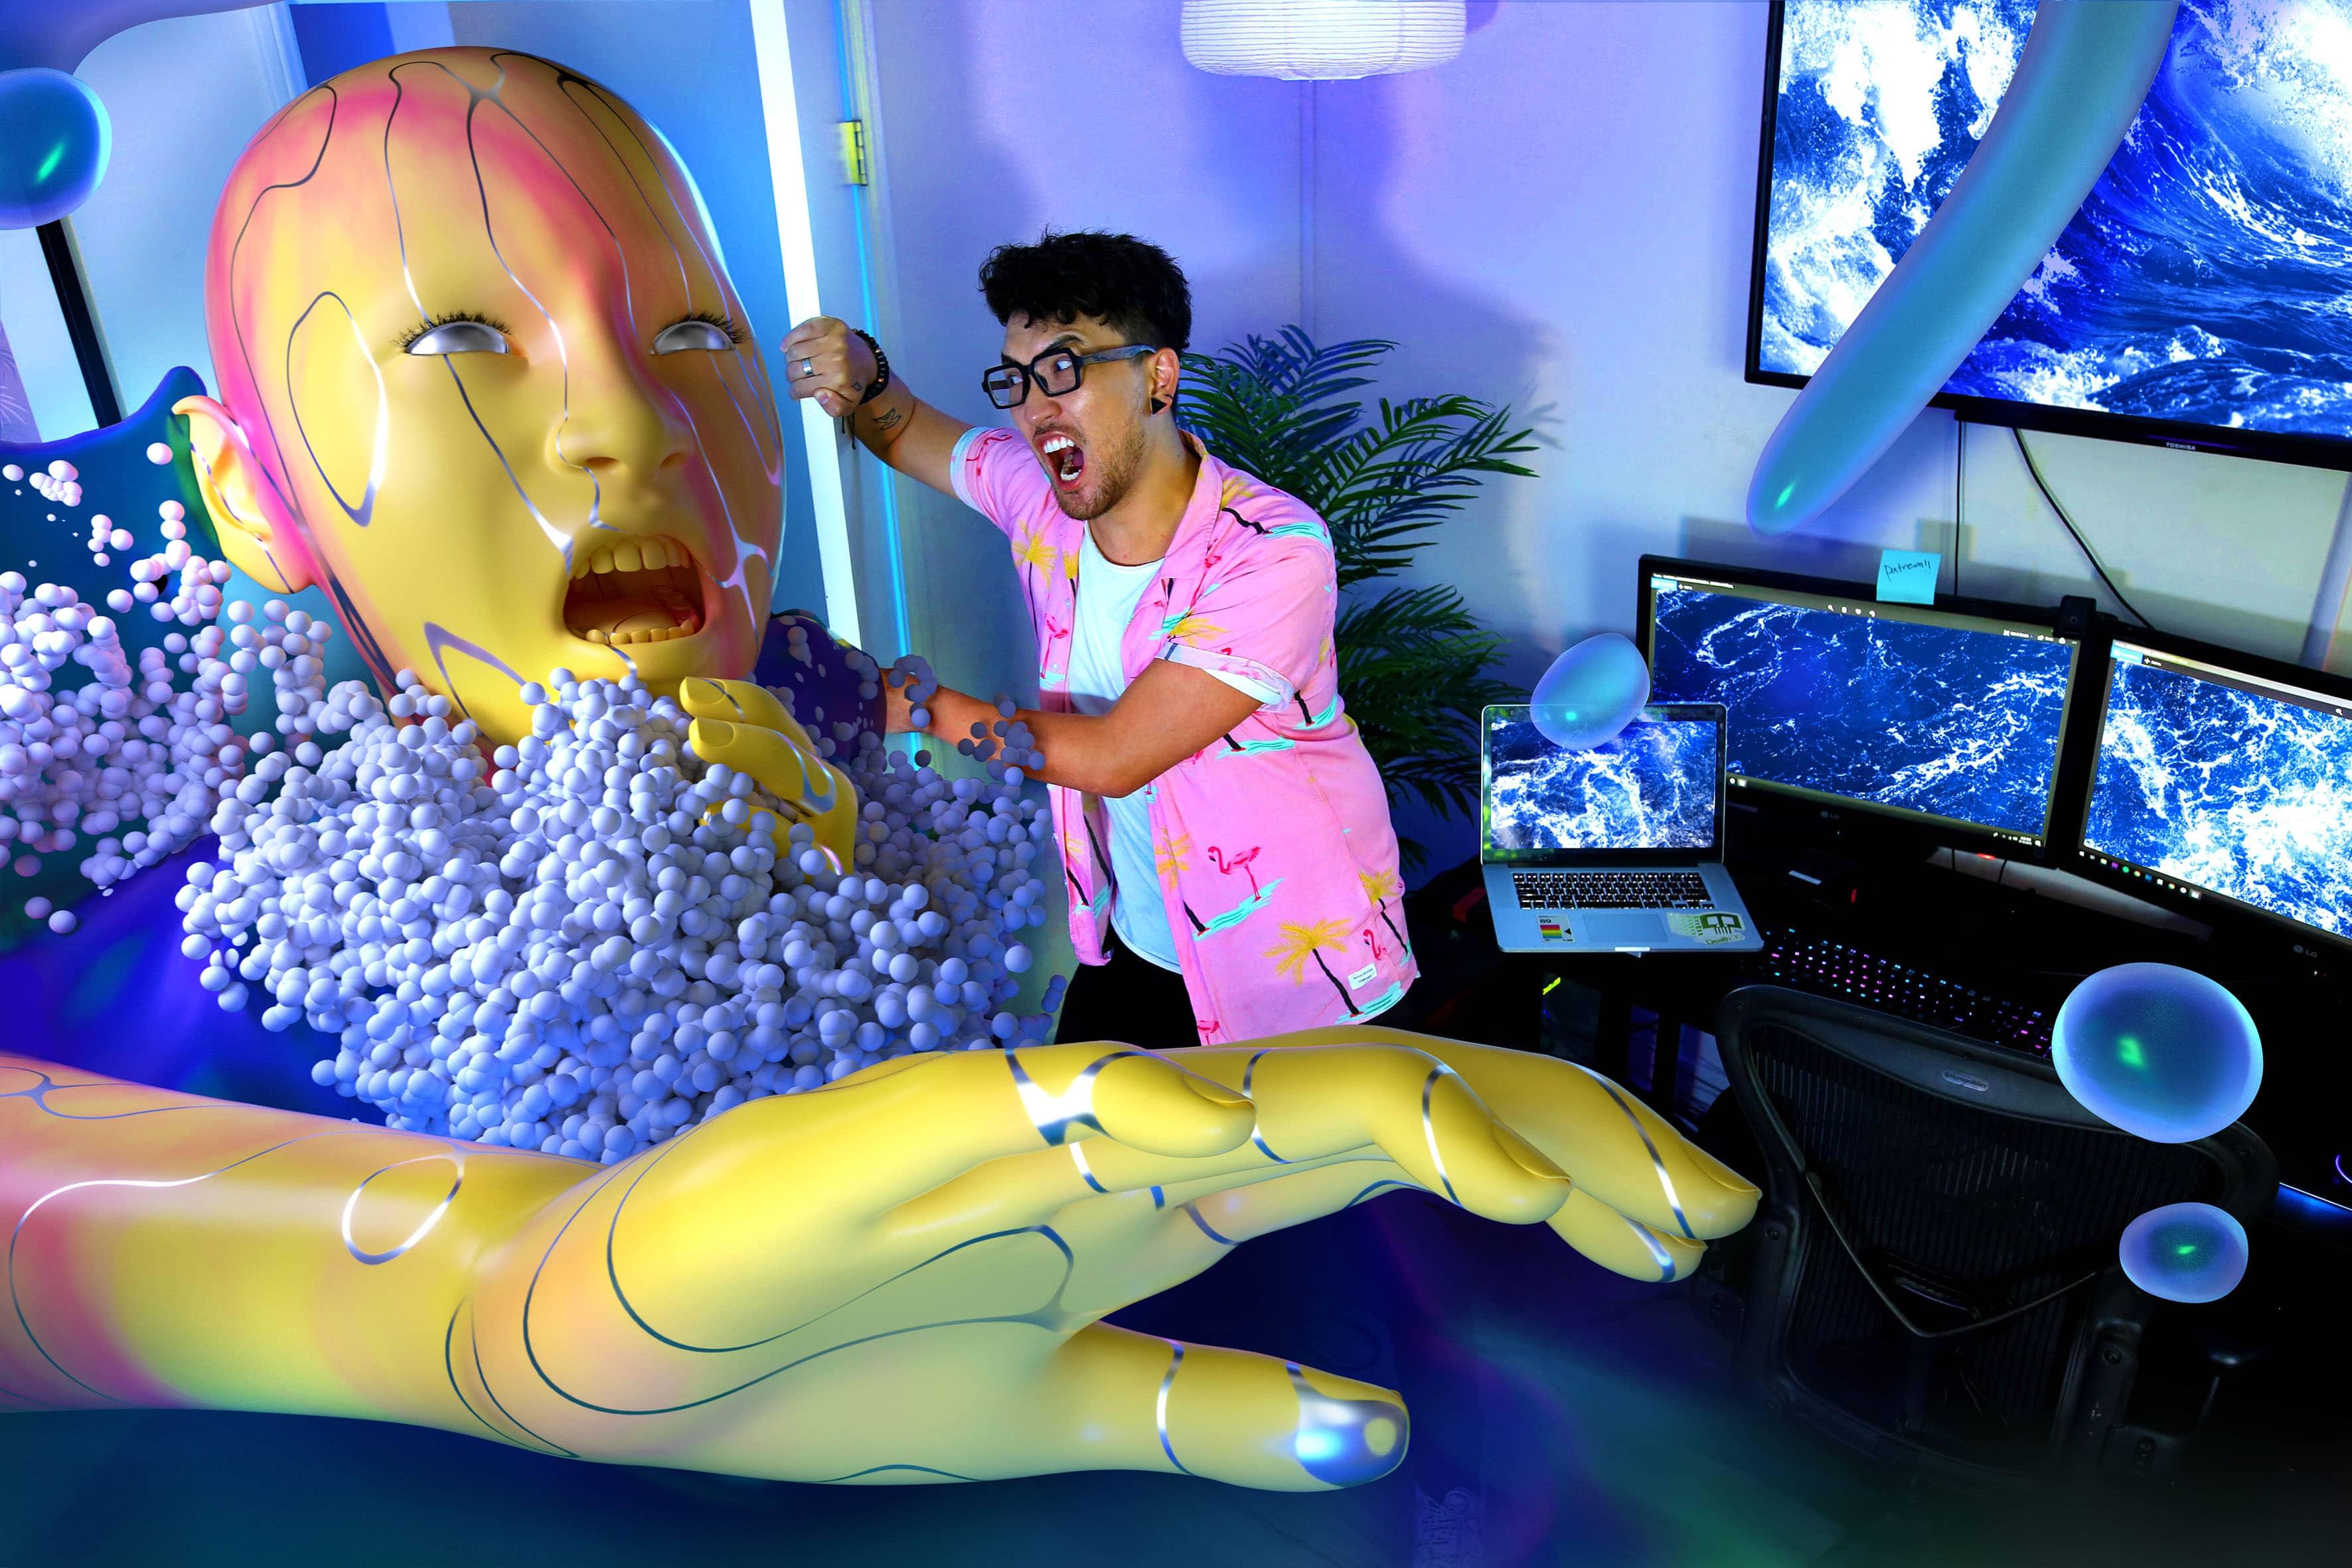 Raum mit überlebensgroßem Avatar